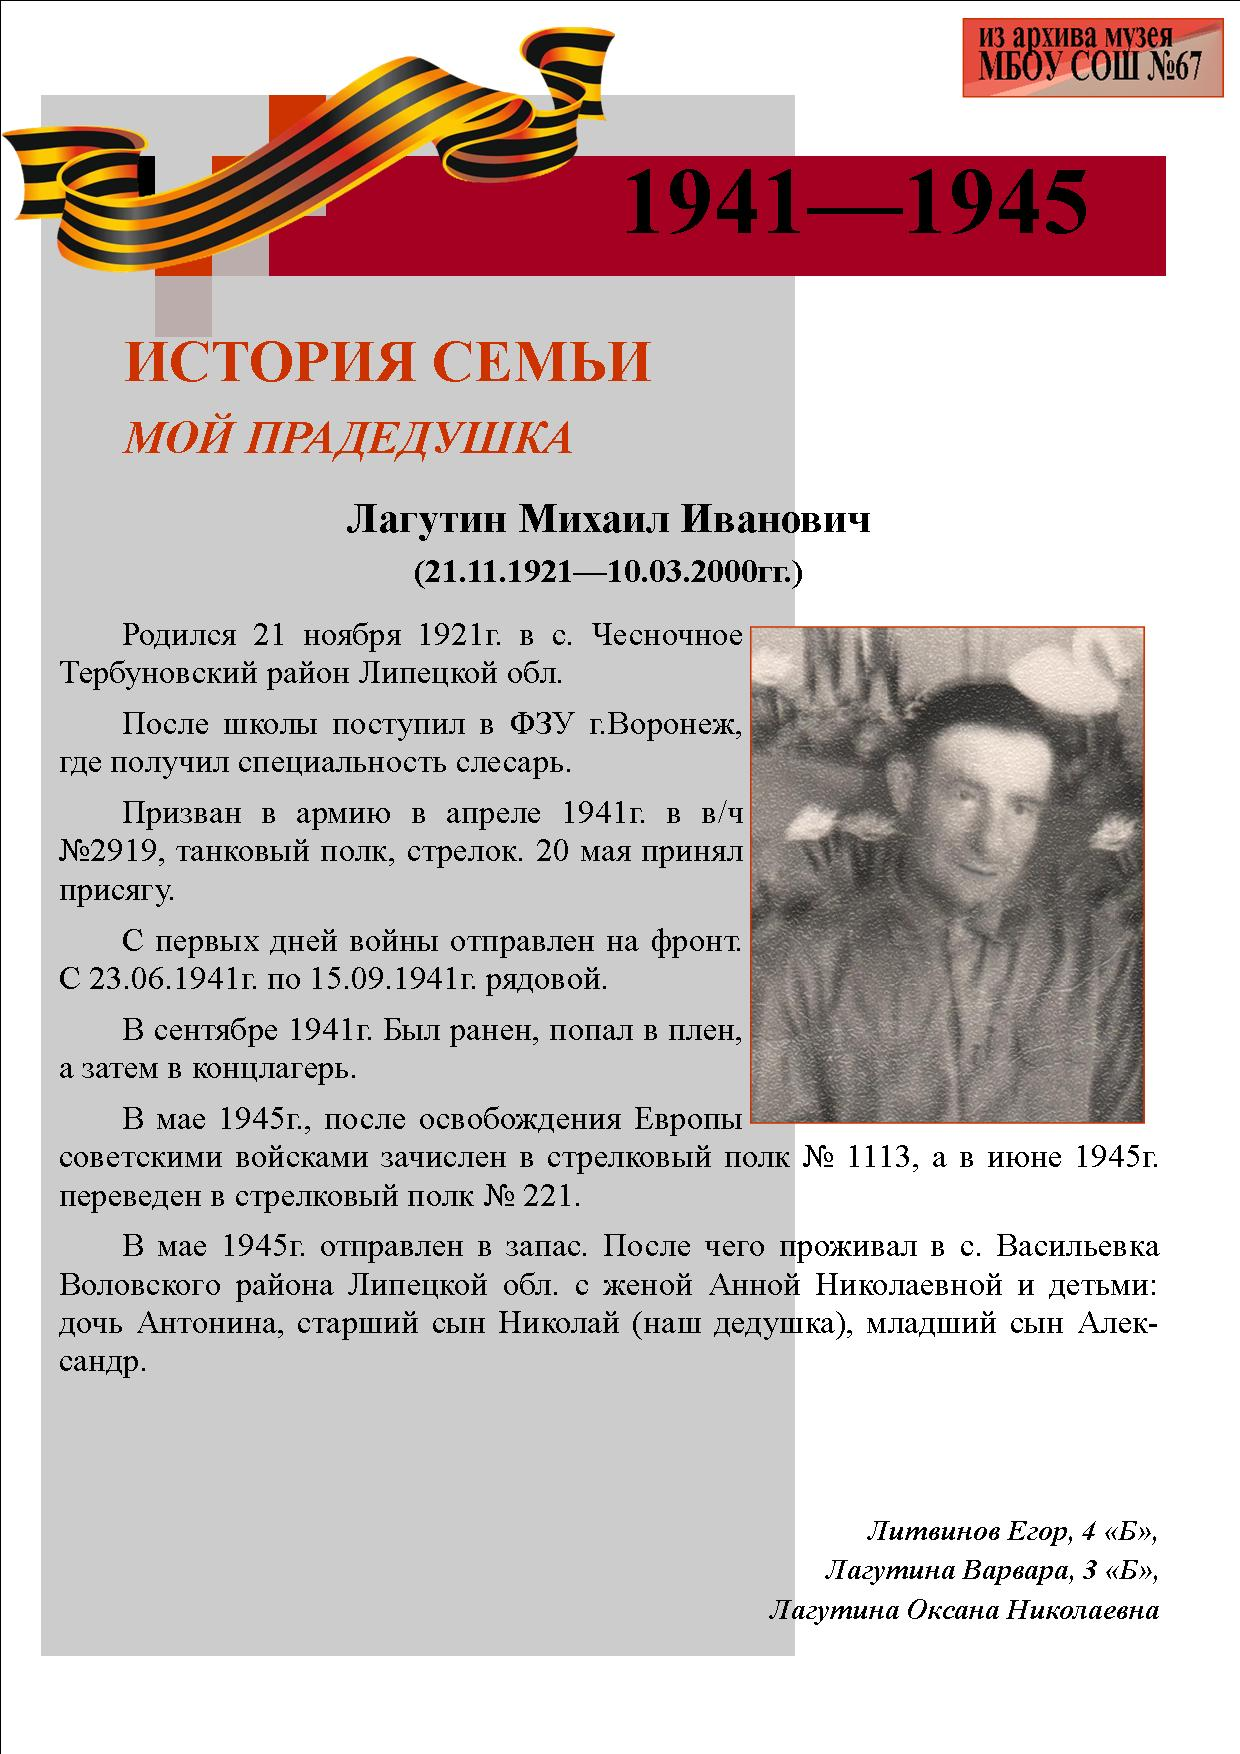 Лагутин М.И. _ Литвинов Е.